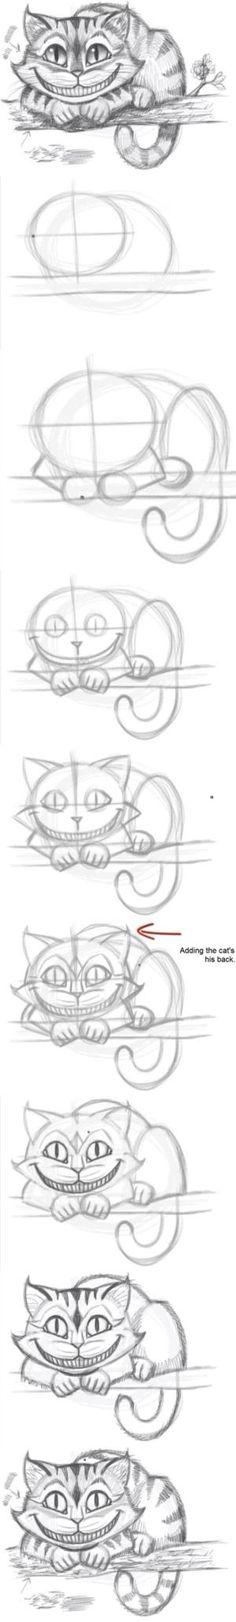 Cómo dibujar el gato de Cheshire por usefuldiy::) #Drawing #Cheshire_Cat por LisaDB